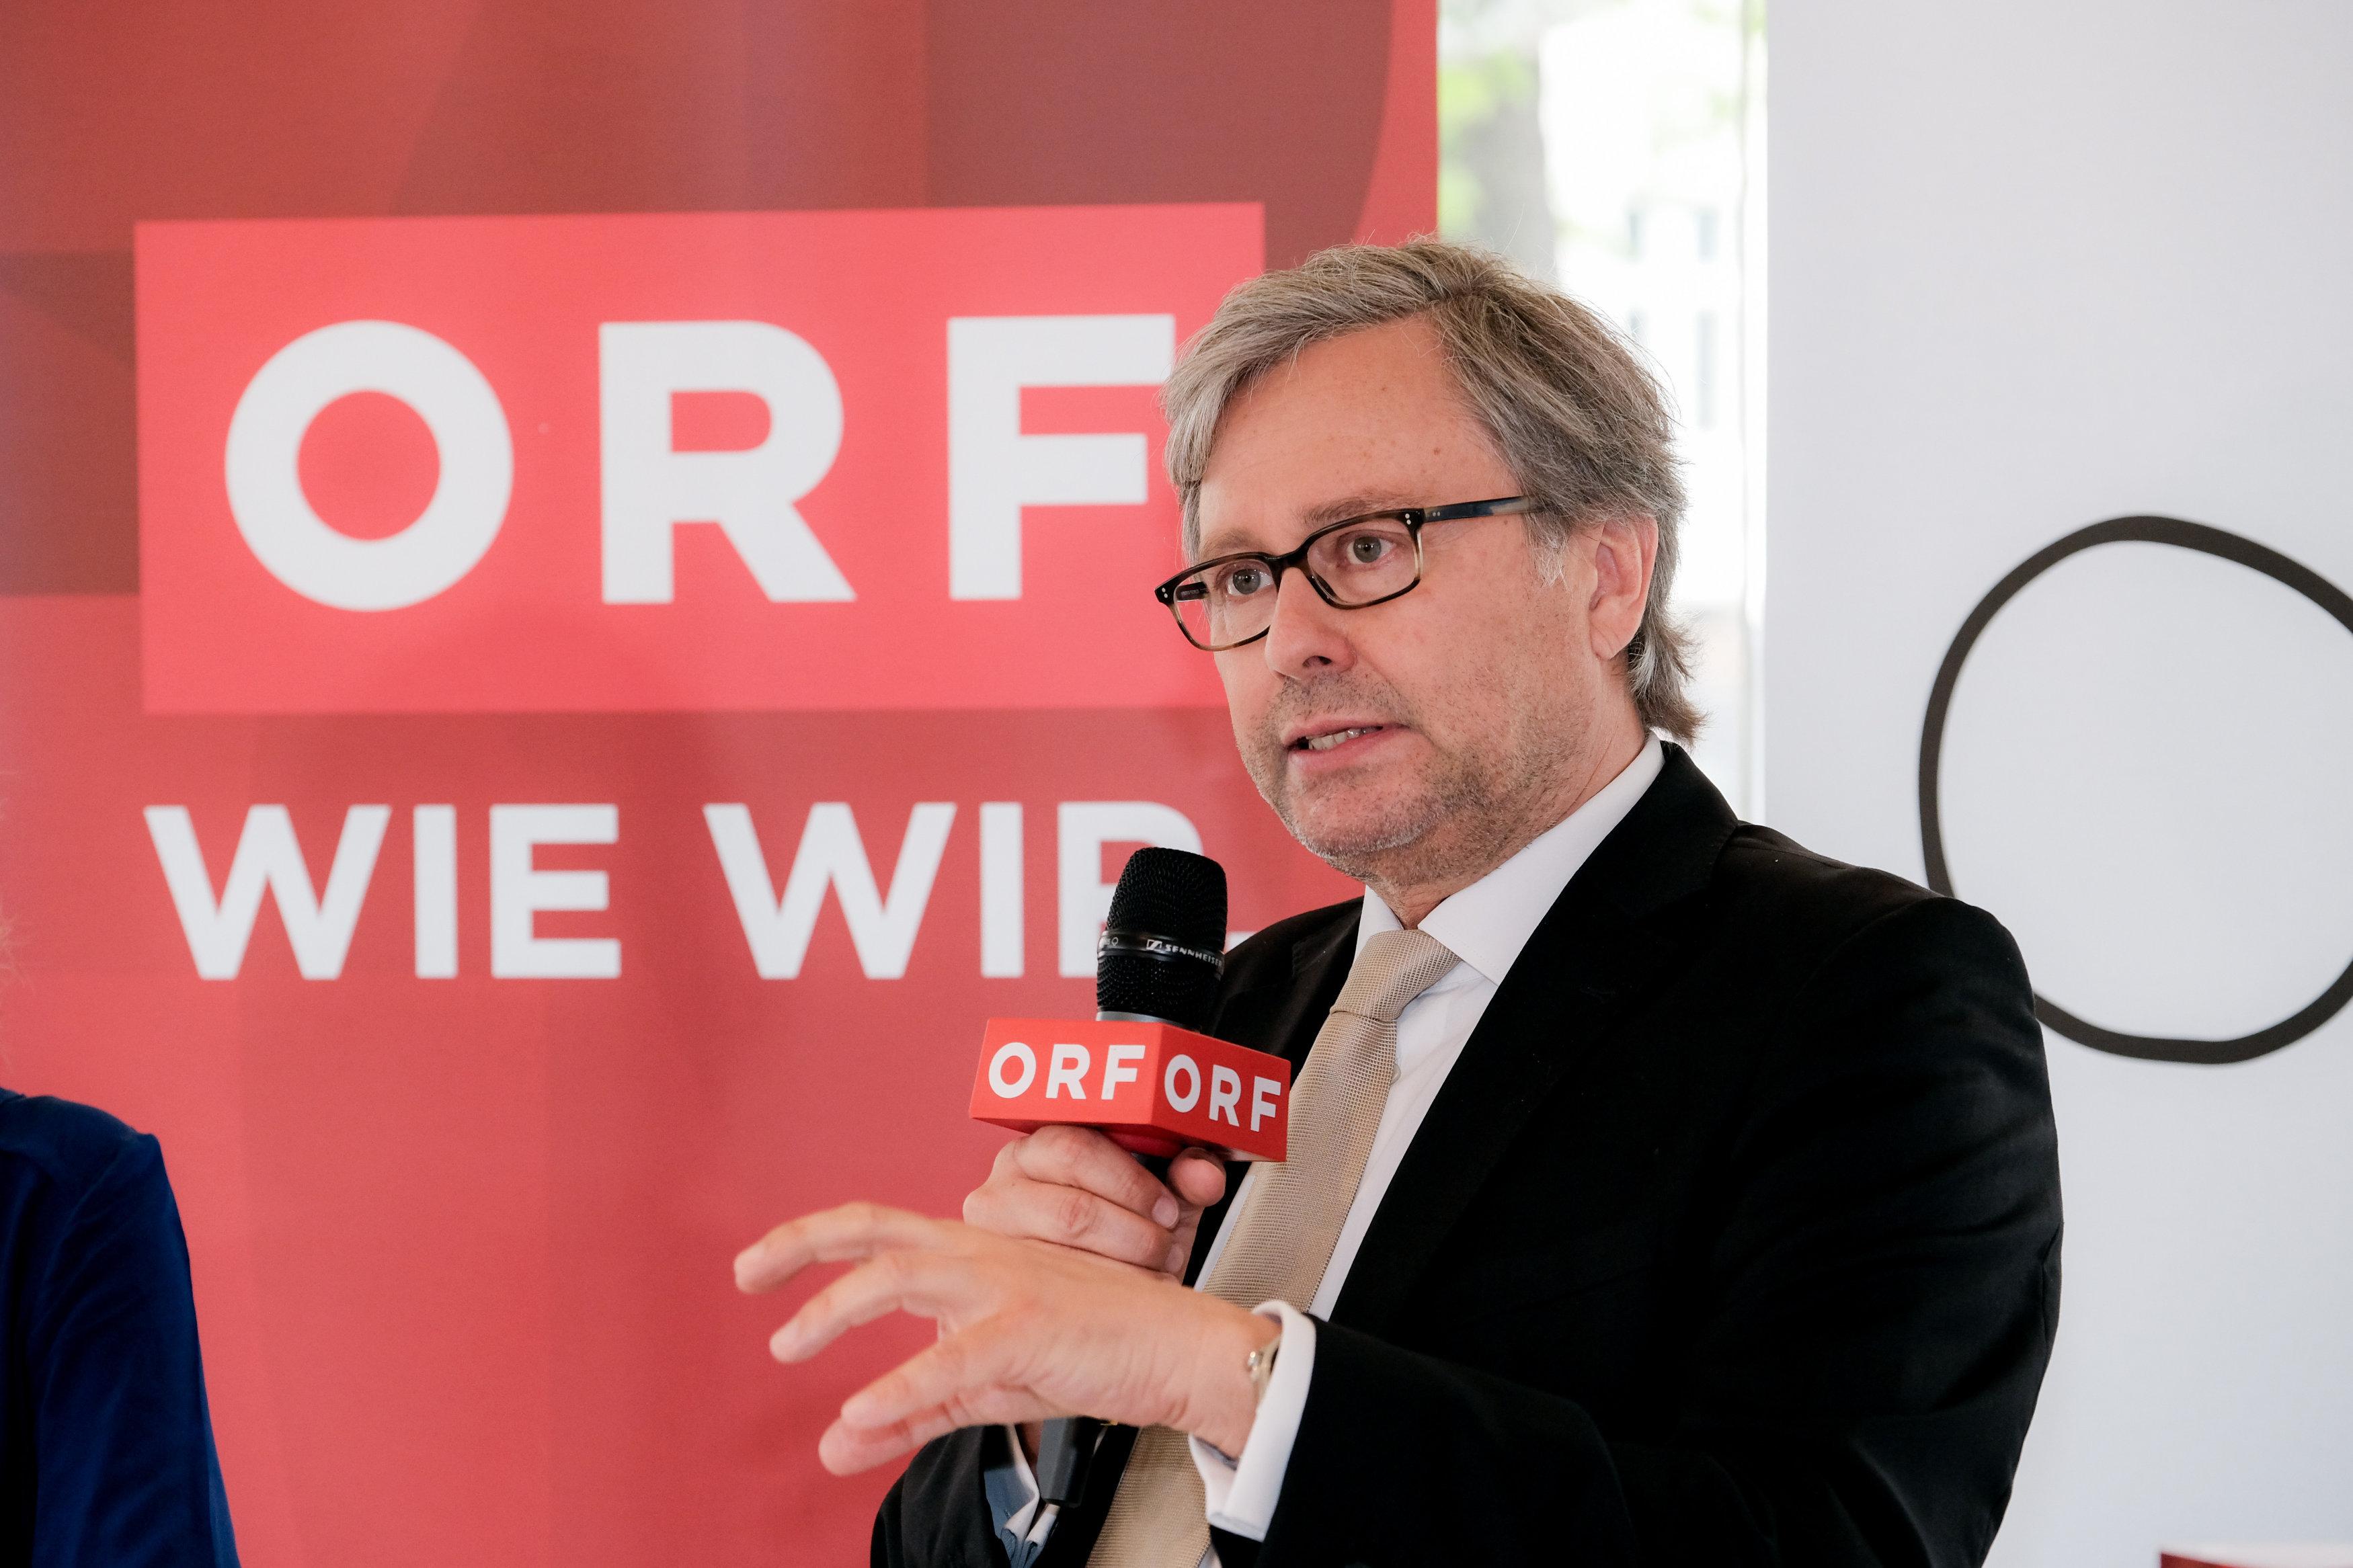 2° sind mehr, als du denkst: ORF-MUTTER ERDE - Alexander Wrabetz, ORF